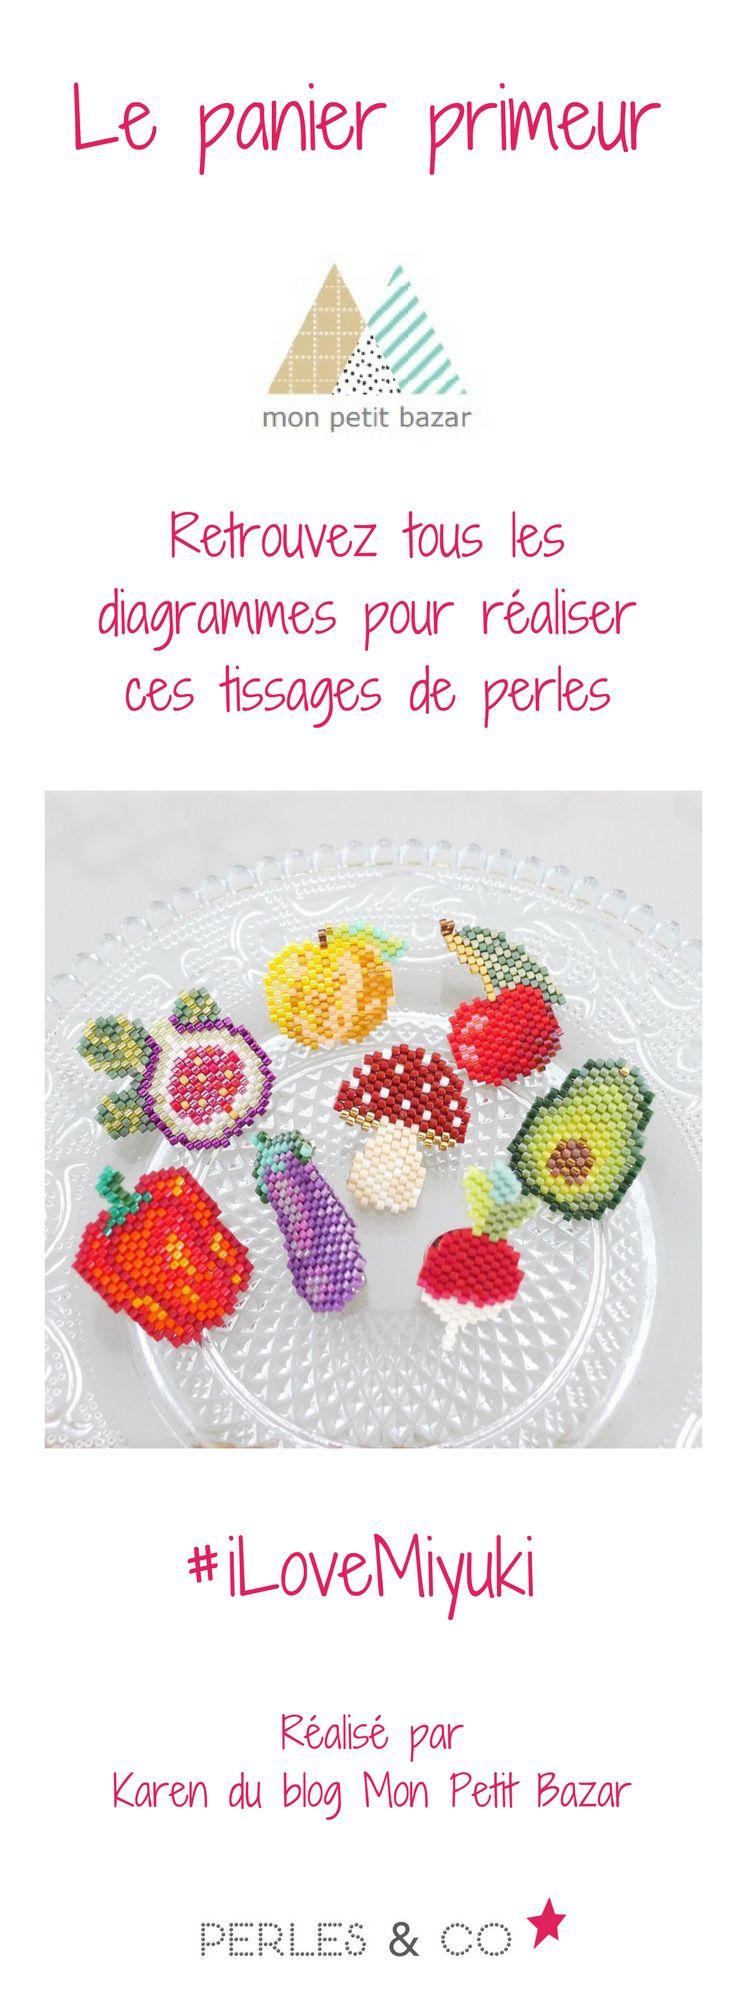 Pour les fans de tissage de perles Miyuki Delicas 11/0, retrouvez les tutoriels pour réaliser le panier primeur de Karen de Mon Petit Bazar : champignon, radis, pêche, avocat, figue, aubergine, poivron, cerise. >> https://www.perlesandco.com/schemas-Tissage_de_perles-sc-47.html